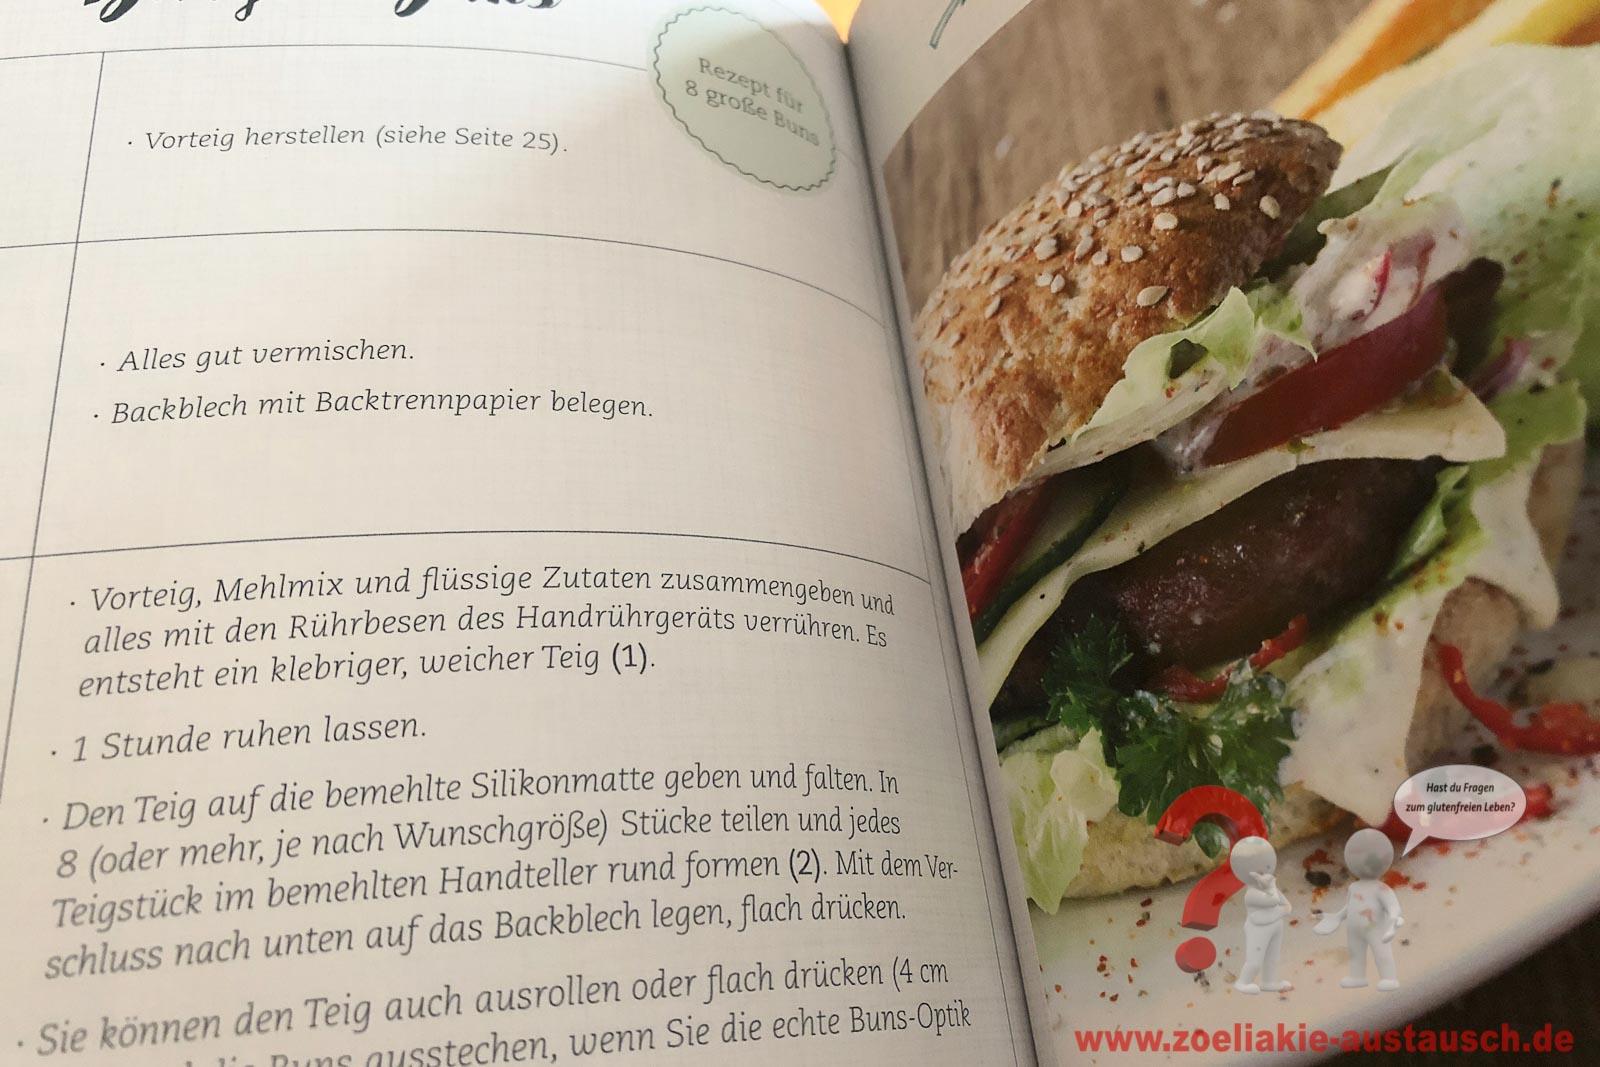 Schulenburg_Brot-Broetchen-und-mehr_Zoeliakie_Austausch_021